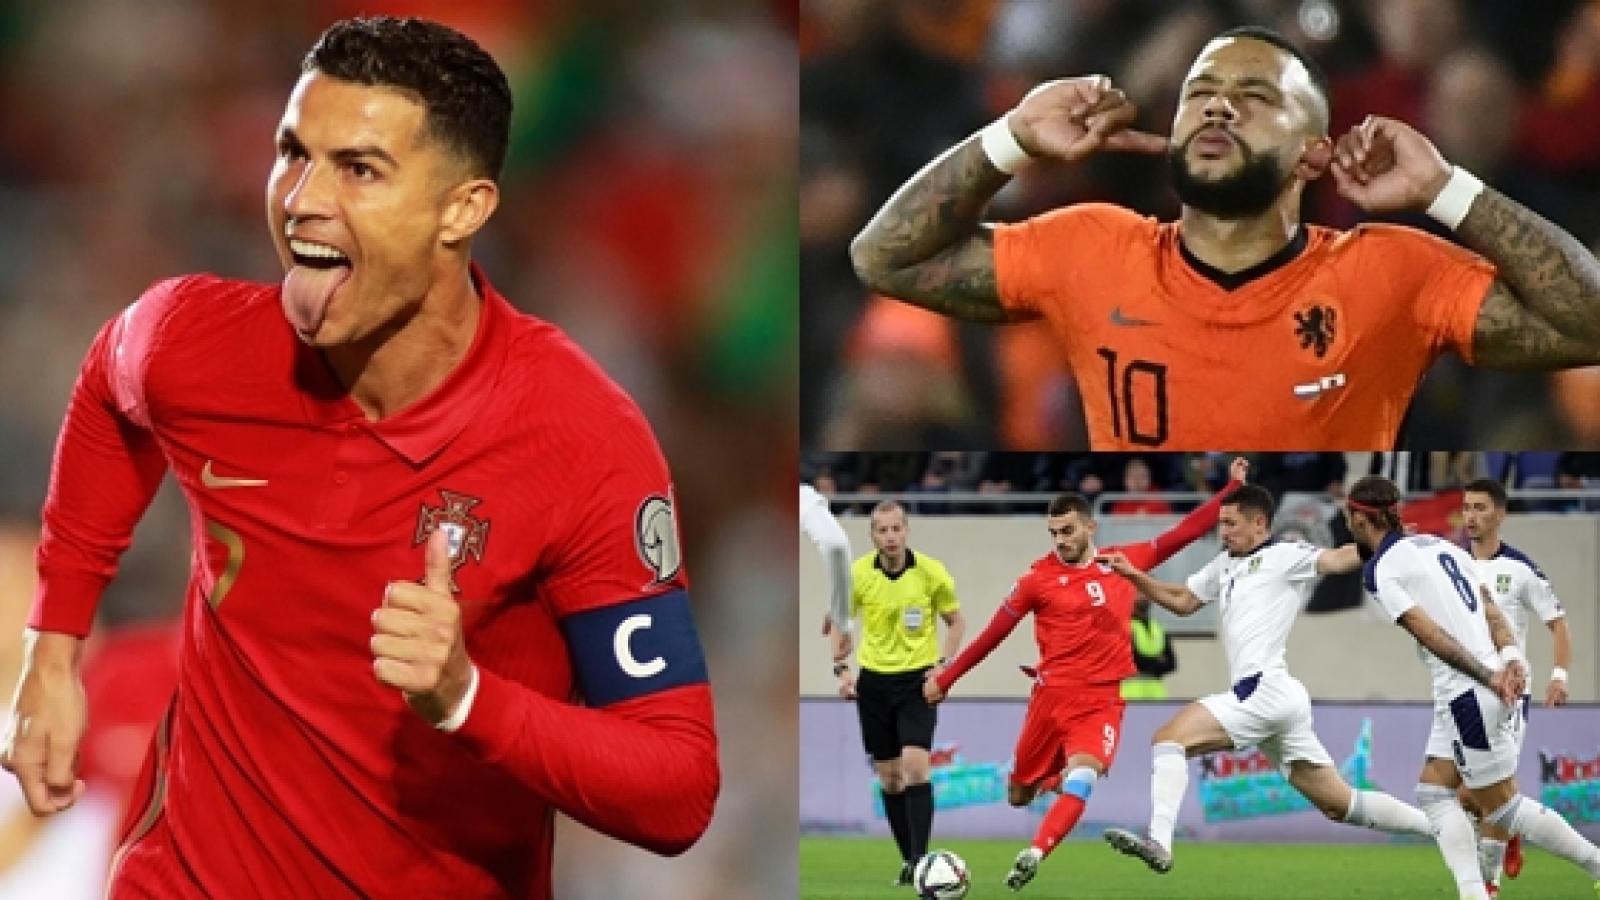 """Vua phá lưới vòng loại World Cup 2022 khu vực châu Âu: Ronaldo """"hít khói"""" Depay"""